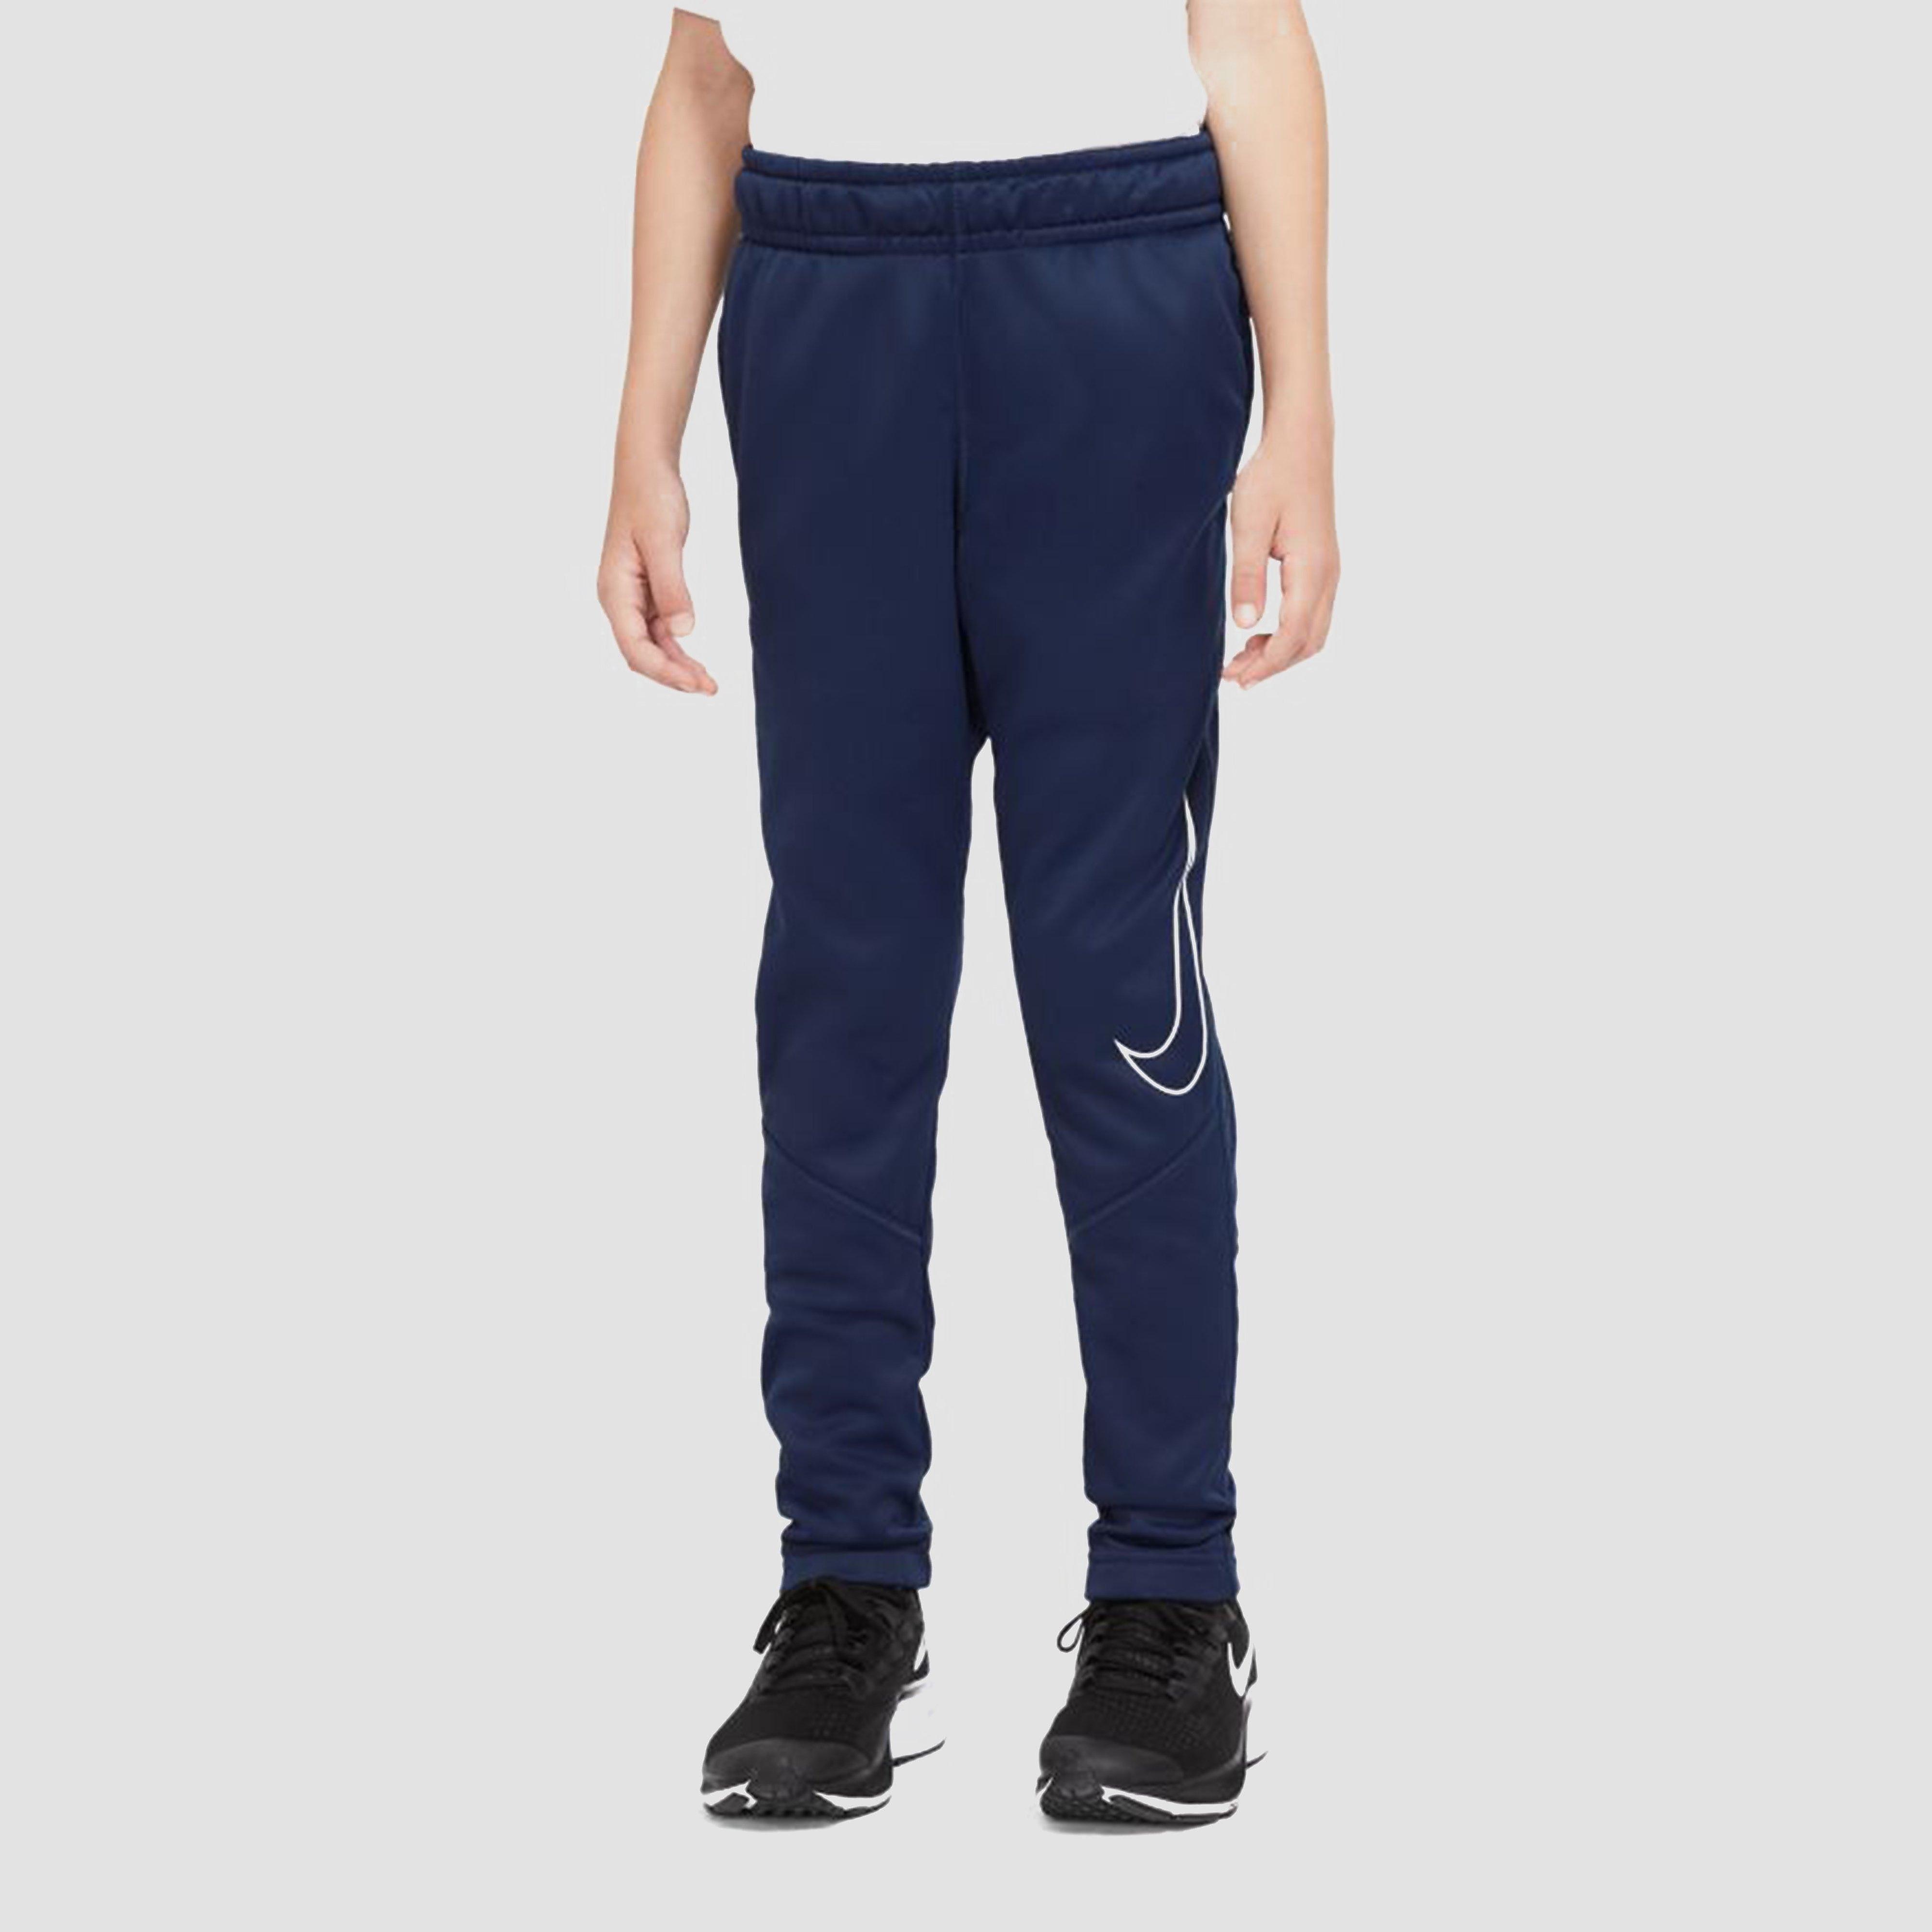 NIKE Therma graphic tapered sportbroek blauw/oranje kinderen Kinderen